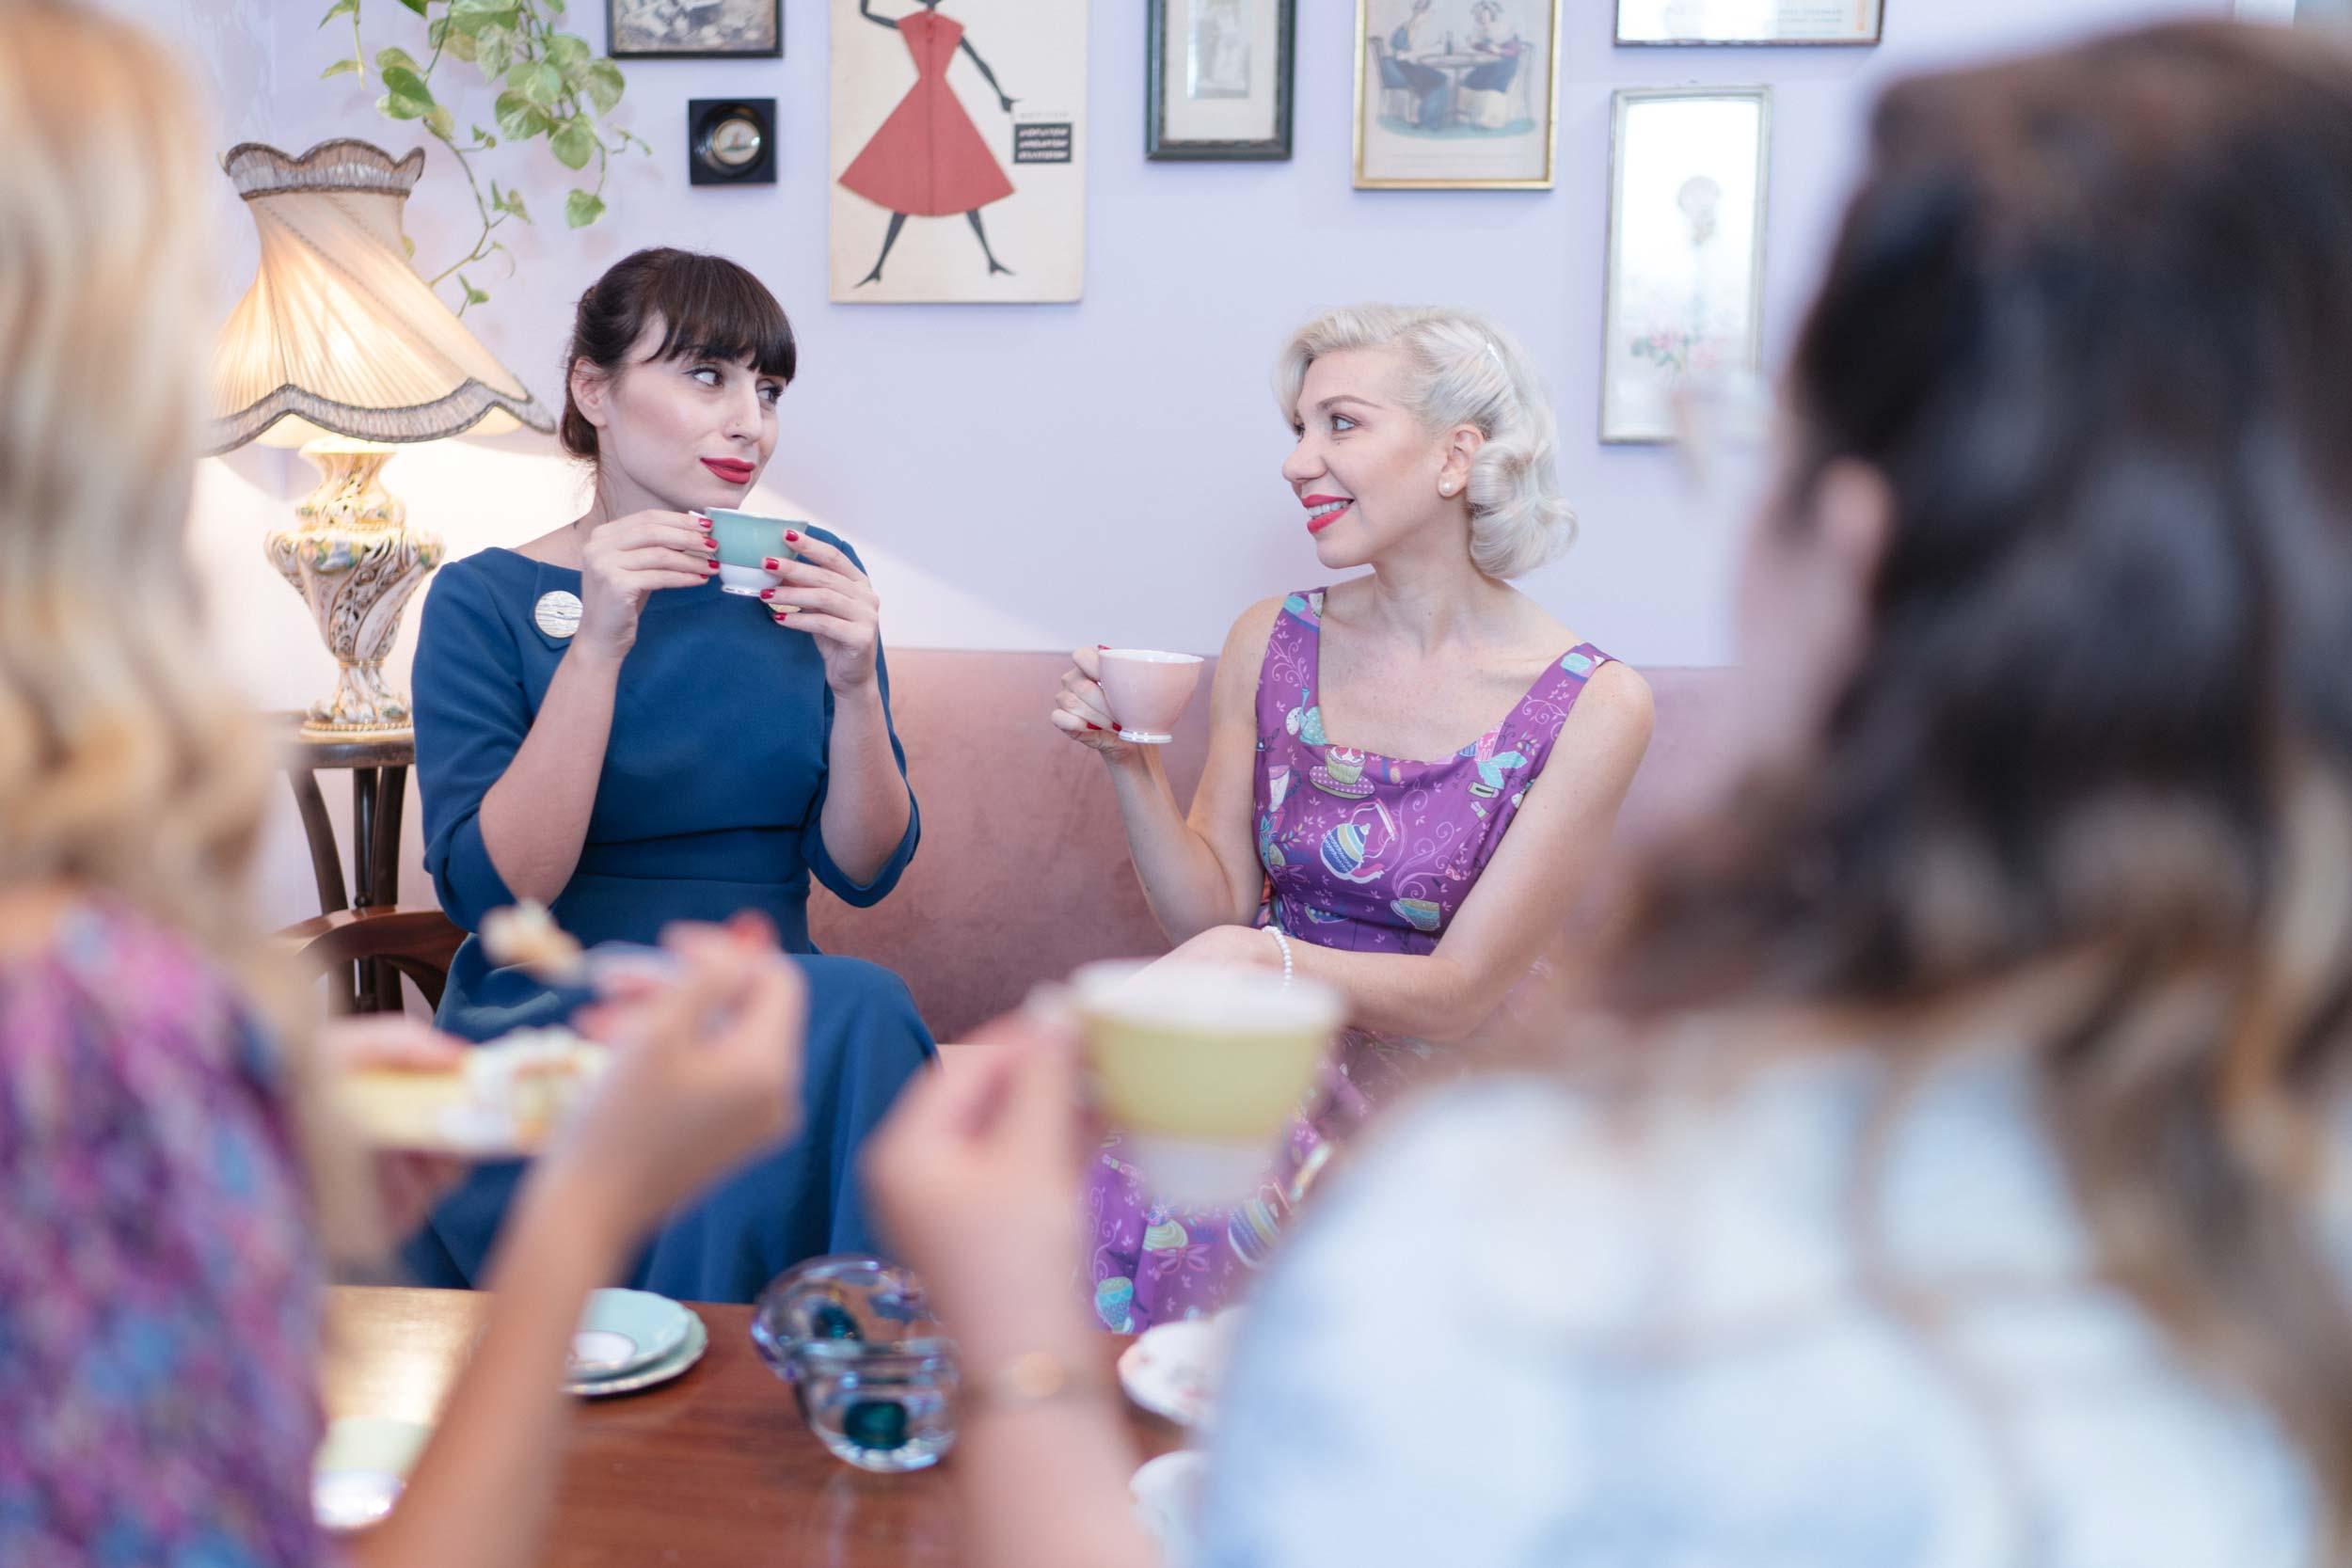 Ο χώρος μας - To tearoom της Madame Gâteaux είναι ένας χώρος διακοσμημένος σε vintage mid-century στυλ με feminine χαρακτήρα, τον οποίο μπορείτε να κλείσετε για ένα private afternoon tea. Ο χώρος μπορεί να φιλοξενήσει 4 ως 10 άτομα.